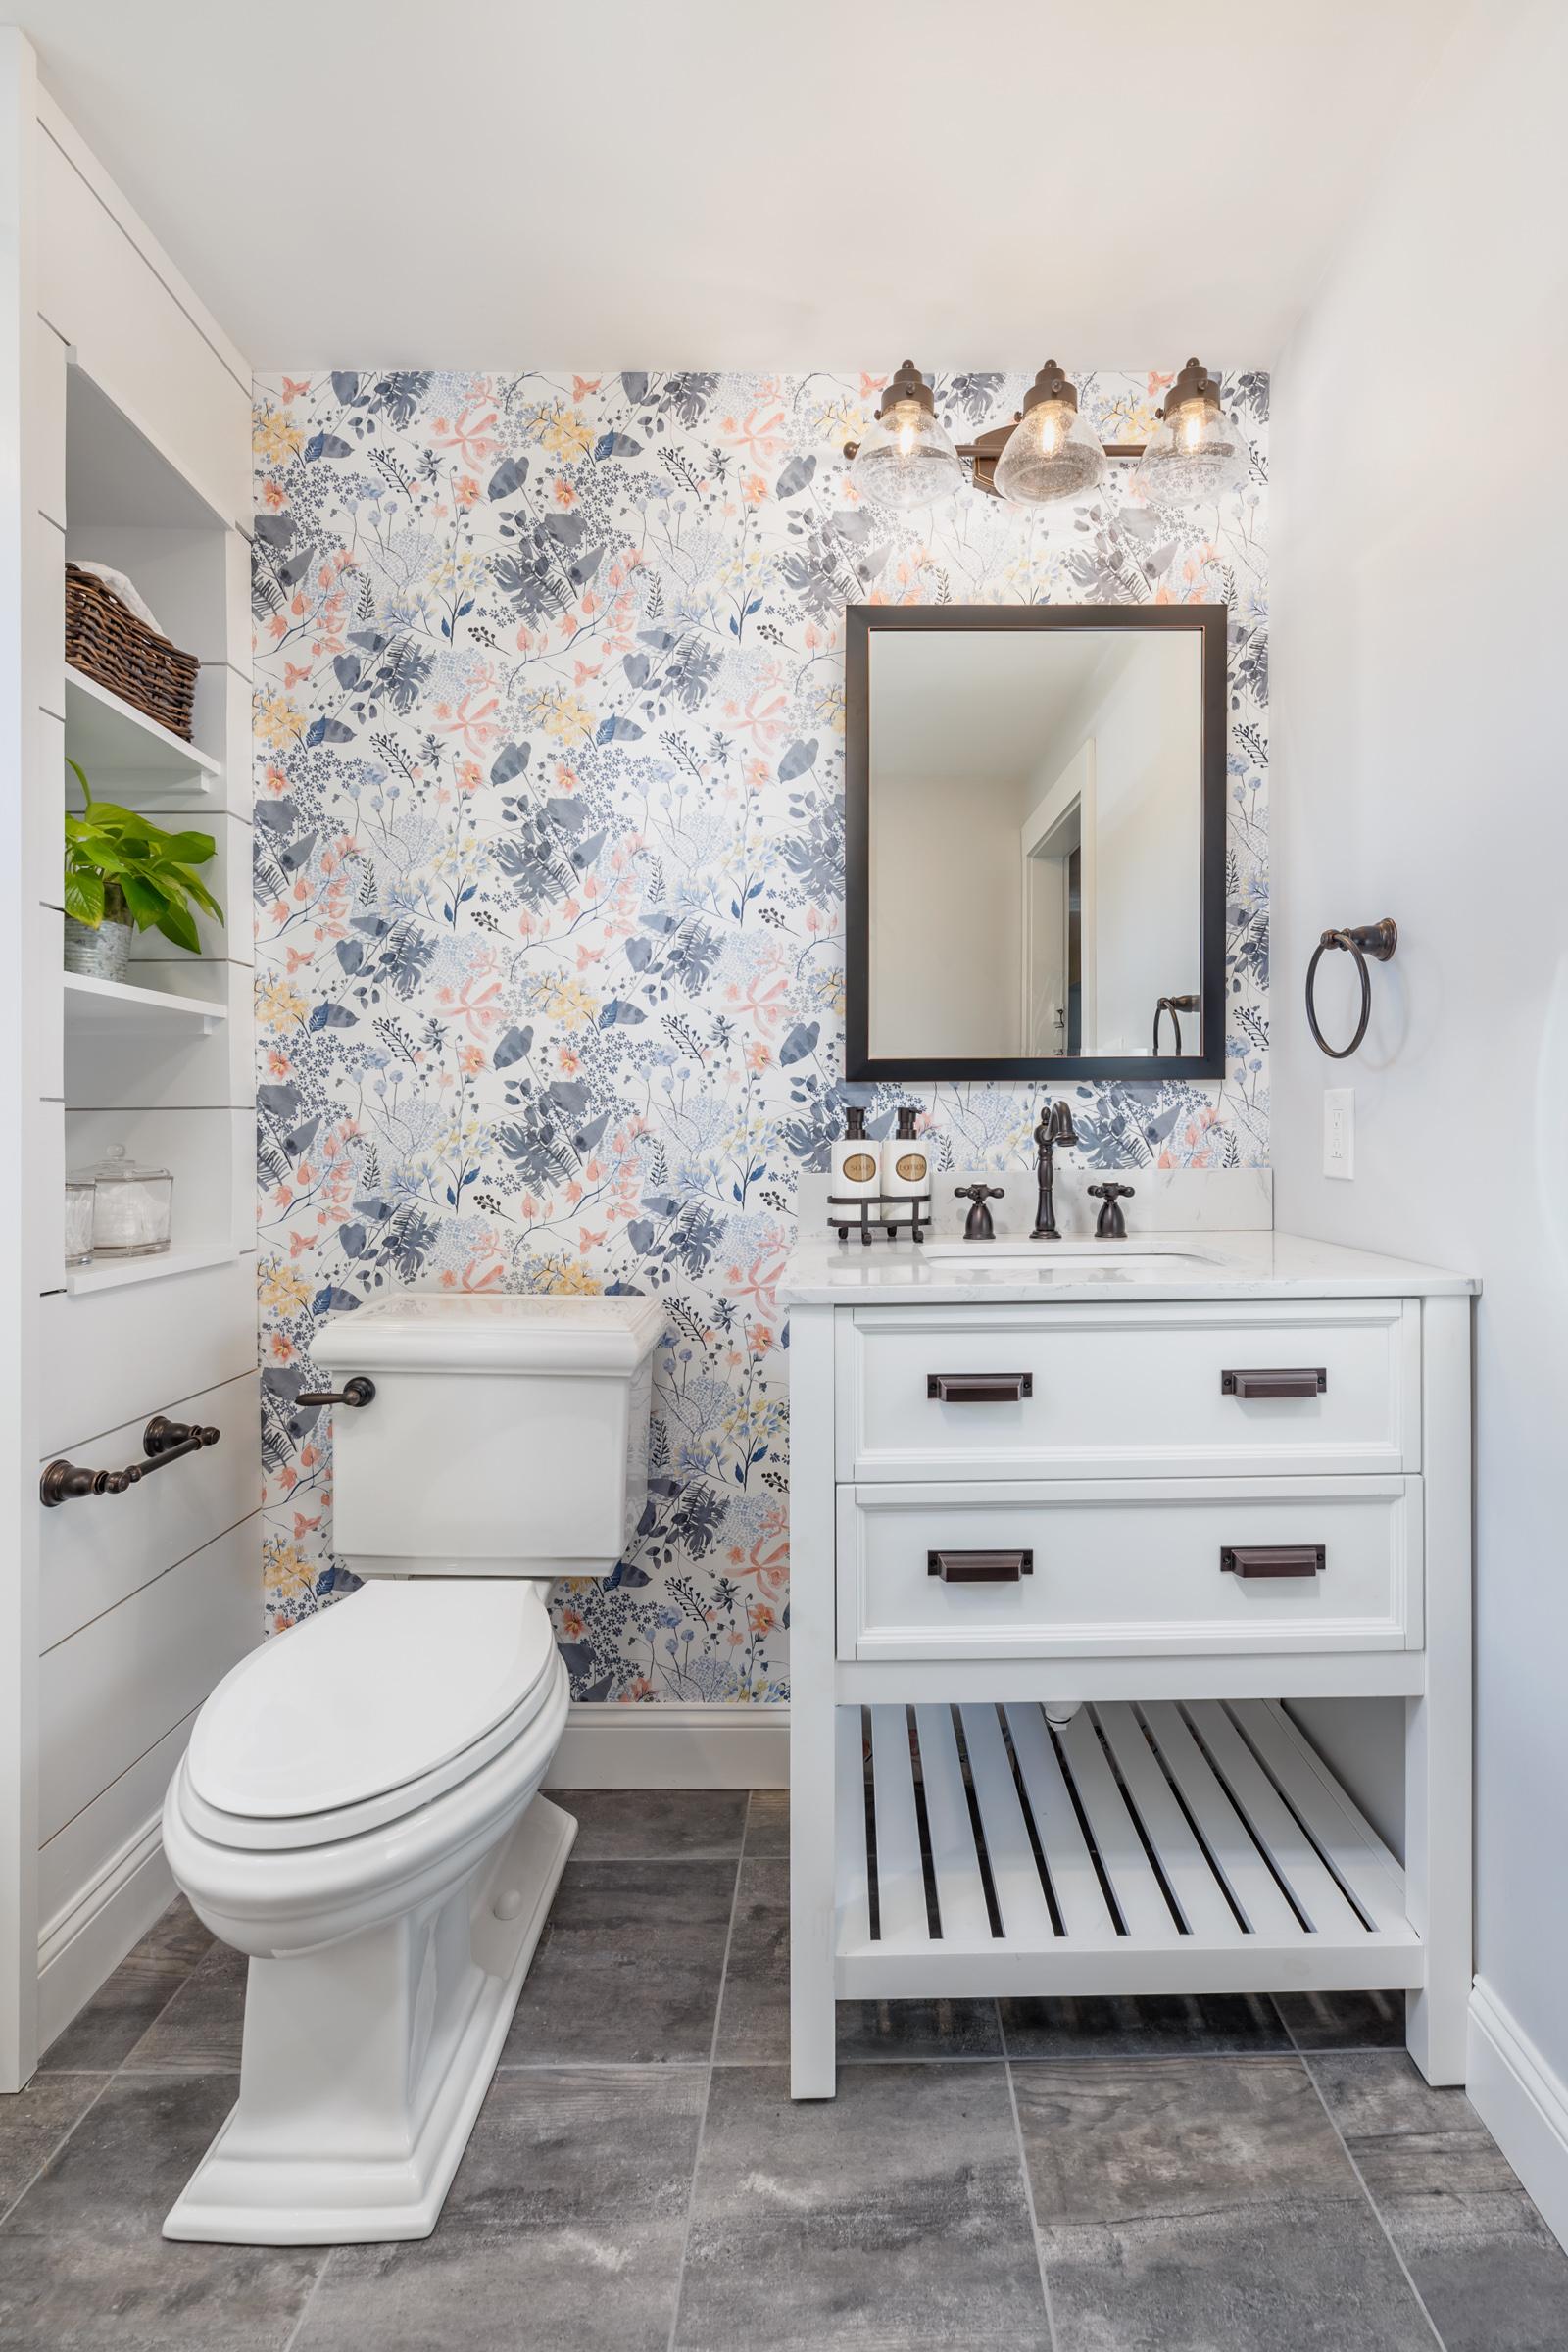 Vanity toilet and wallpaper.jpg